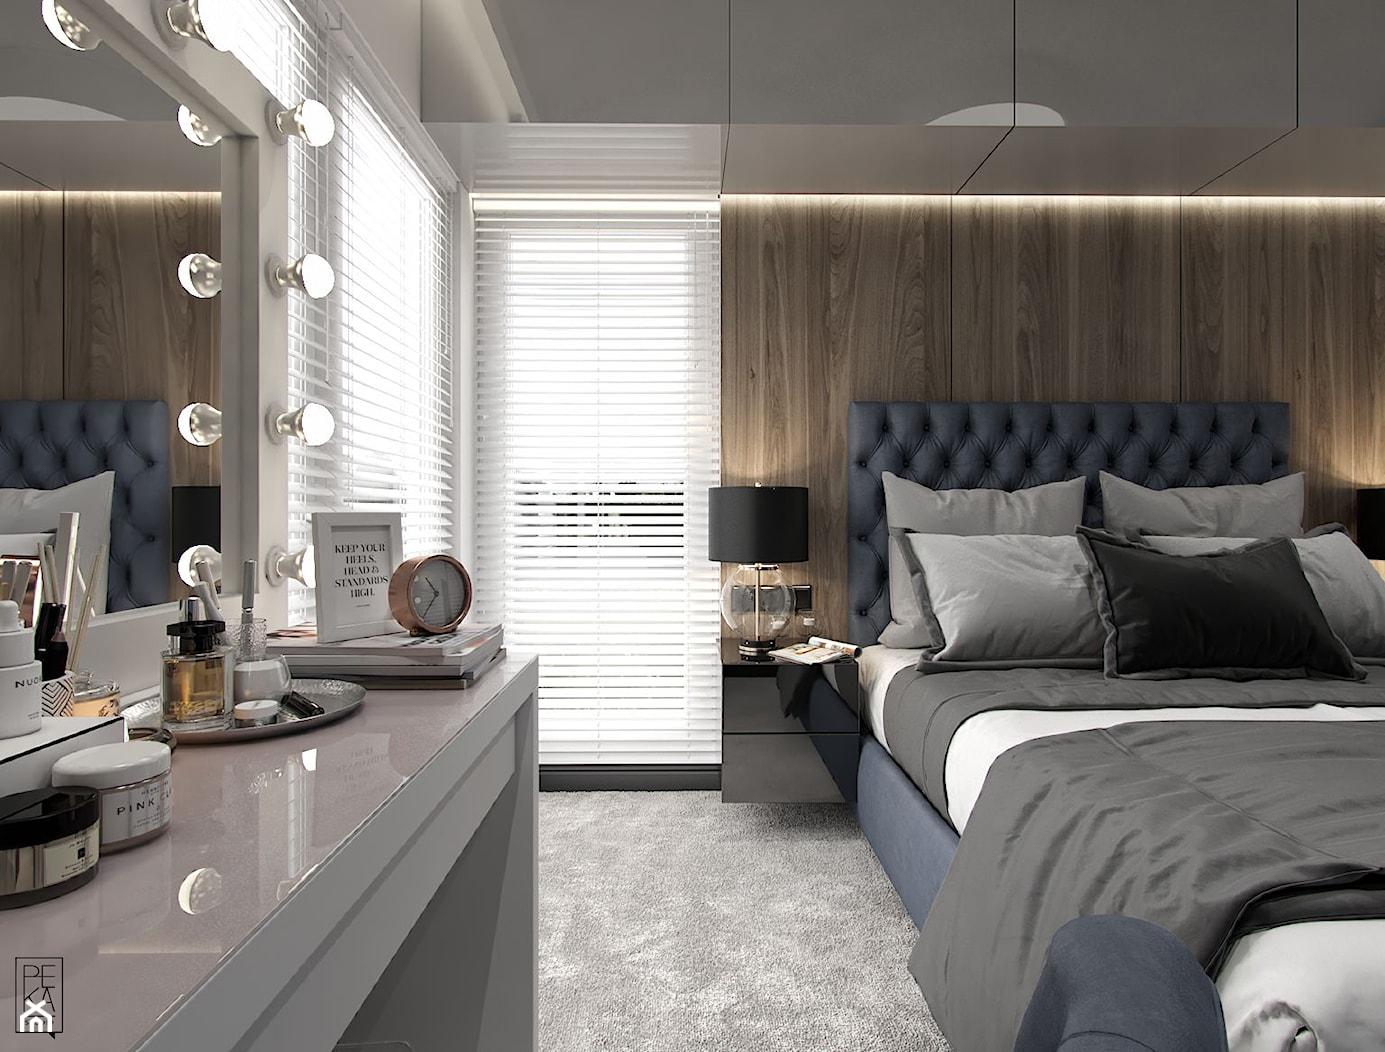 NOWOCZESNY SEGMENT - Średnia brązowa sypialnia małżeńska, styl glamour - zdjęcie od PEKA STUDIO - Homebook